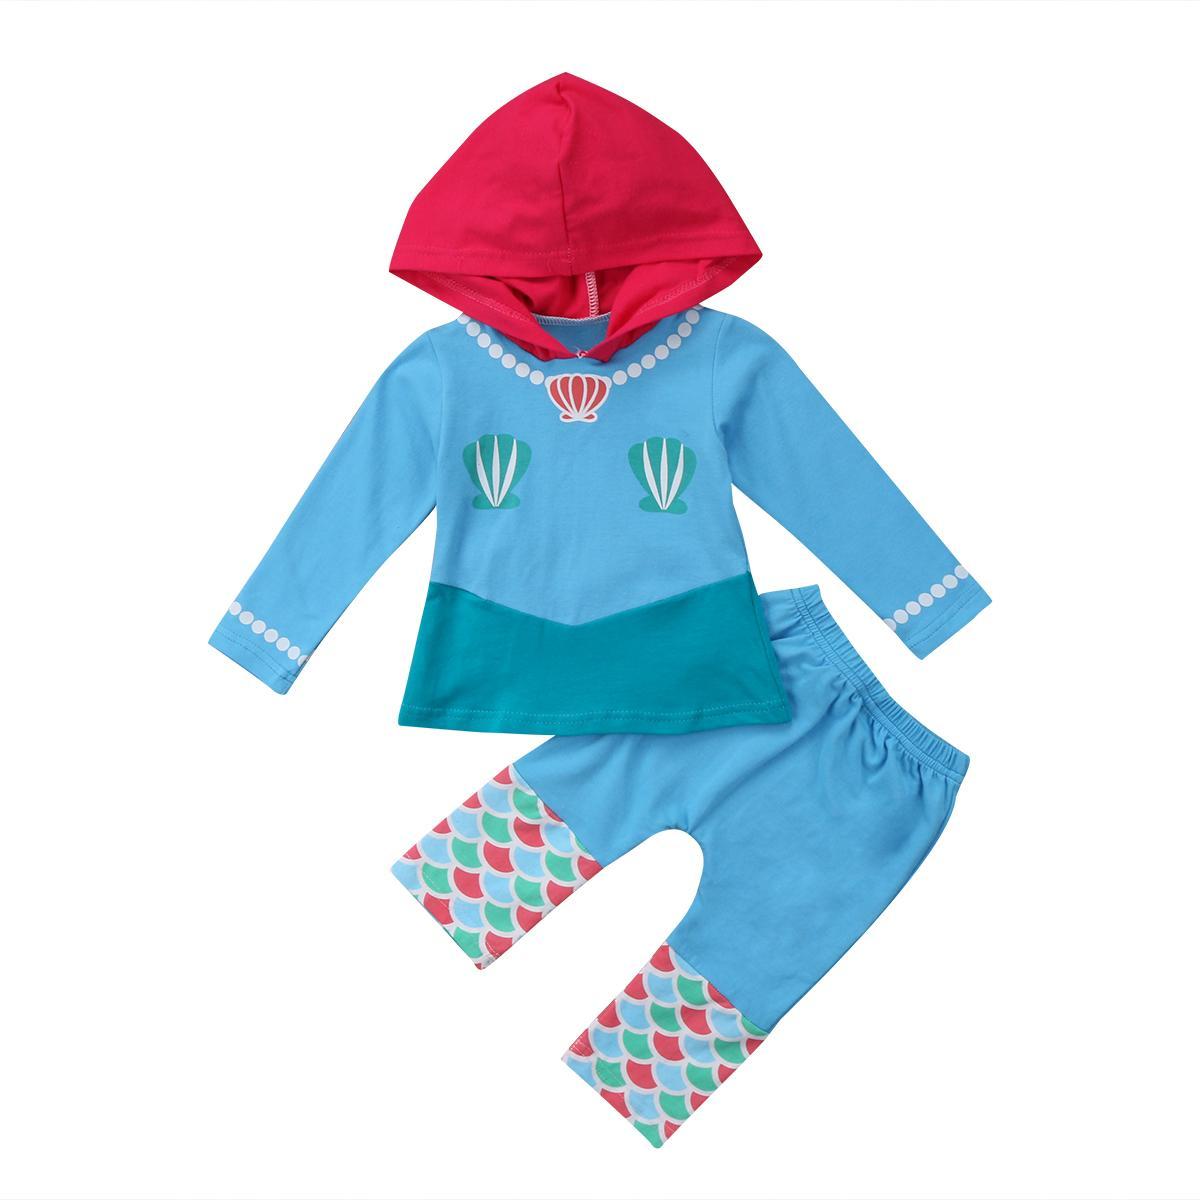 2018 cabritos de la manera de los bebés Sirenita con capucha y camisetas Pantalones largos Equipe juego de ropa lindo